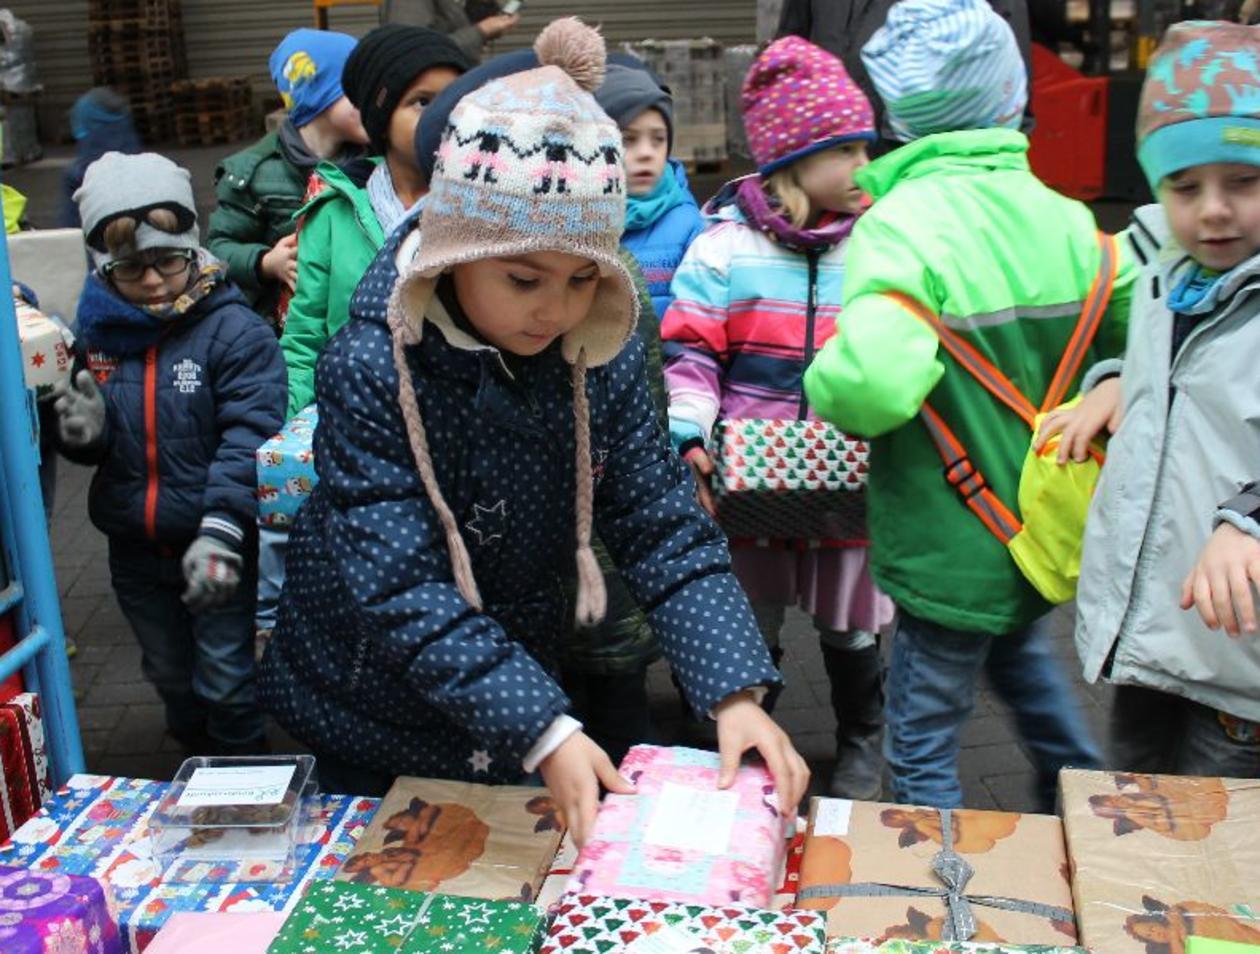 Kinderheim Weihnachtsgeschenke.Aktion Der Offenbach Post 1000 Weihnachtsgeschenke Für Kinder In